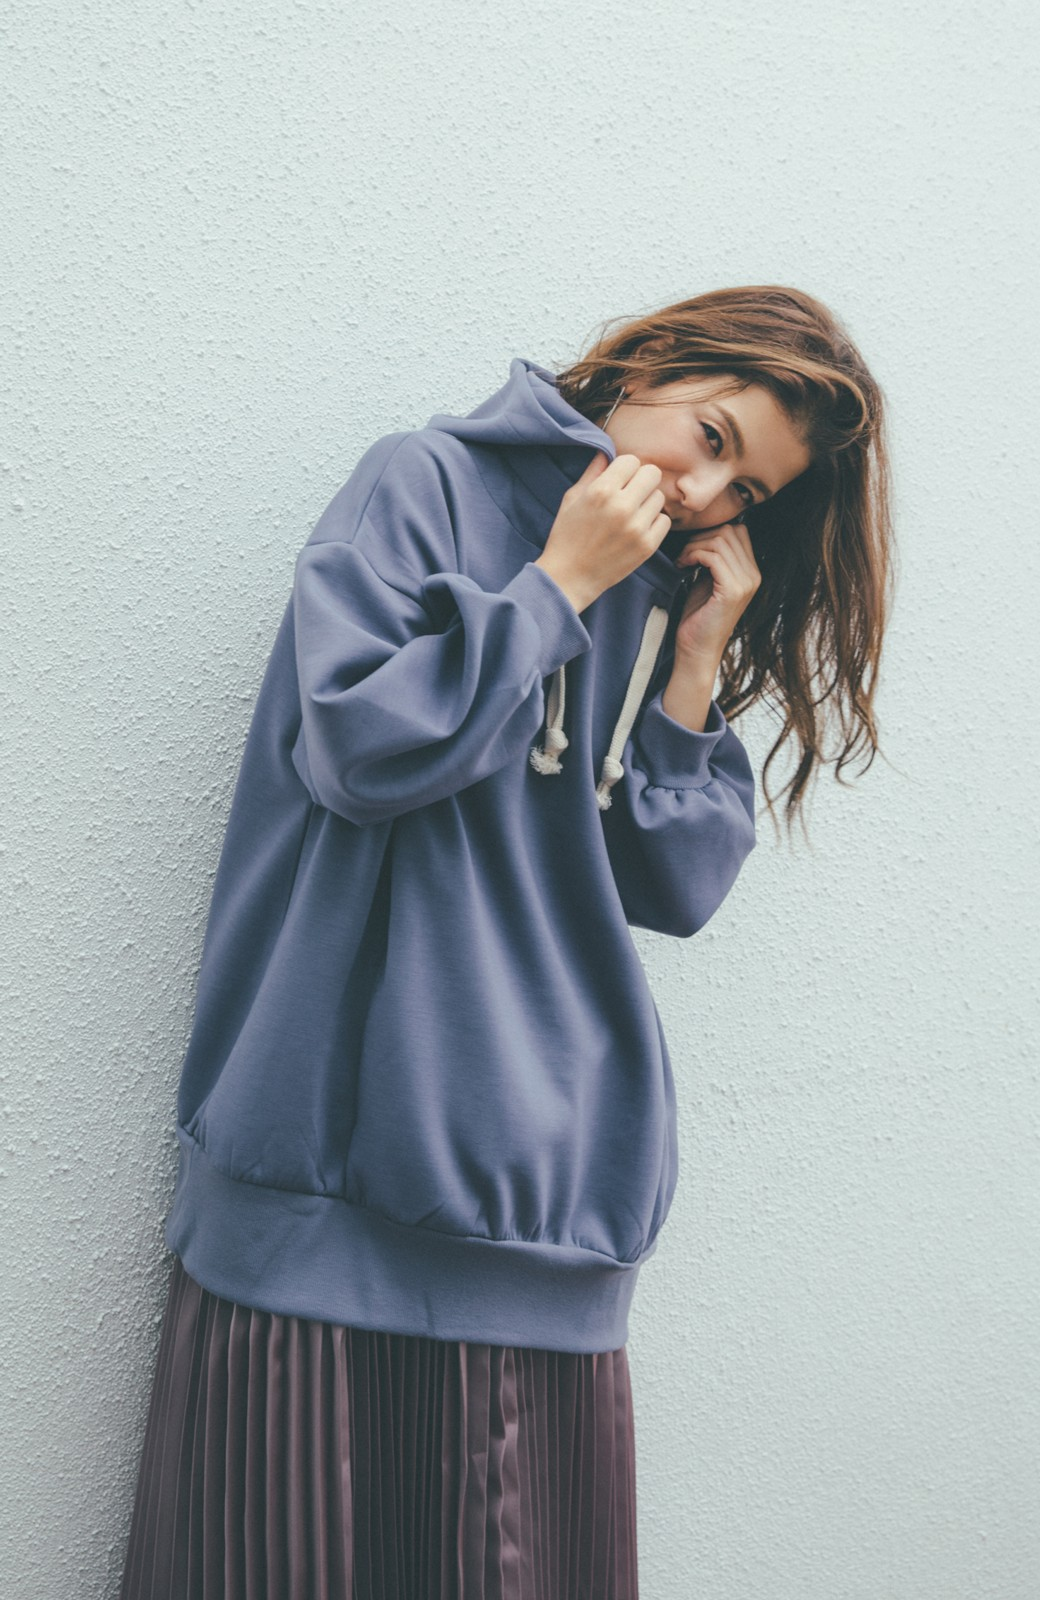 haco! 【スザンヌさんコラボ】オーバーサイズが華奢見せさせる 大人女子のためのスウェット風ビッグパーカー by LOVE&PEACE PROJECT <ラベンダー>の商品写真11